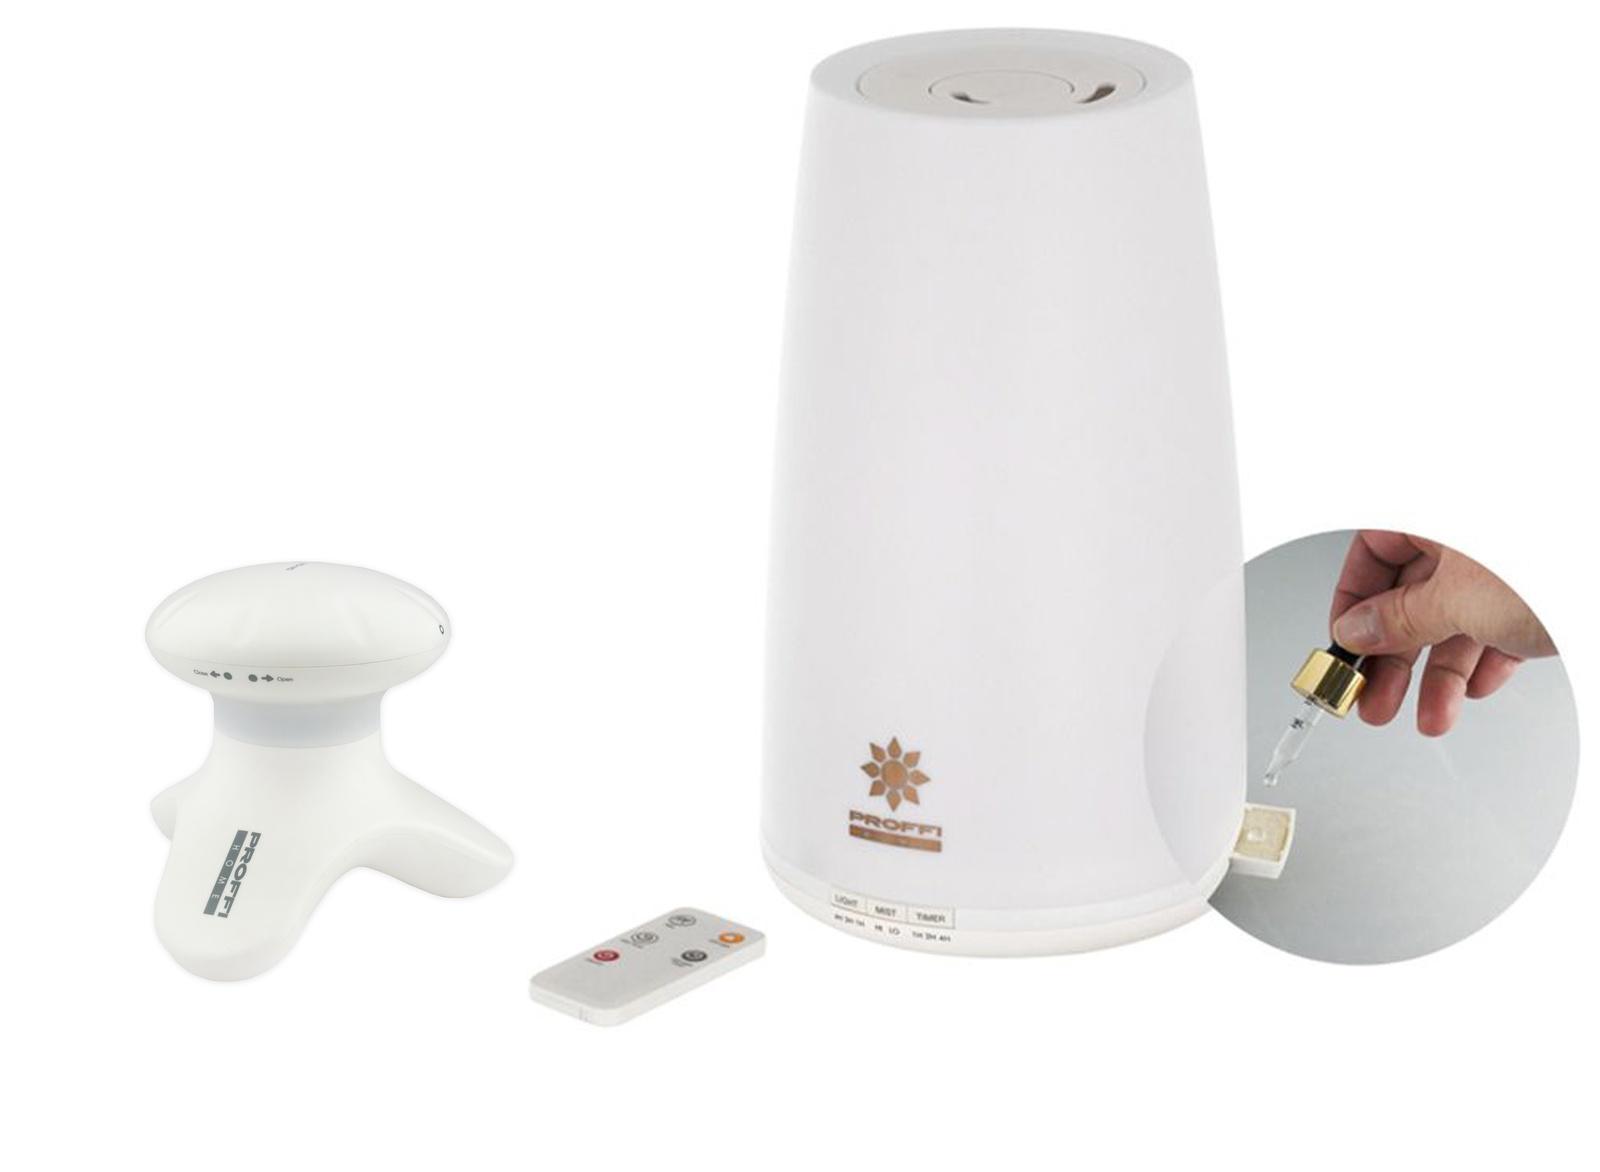 лучшая цена Массажный прибор PROFFI Relax вибрационный на батарейках и увлажнитель воздуха с LED подсветкой